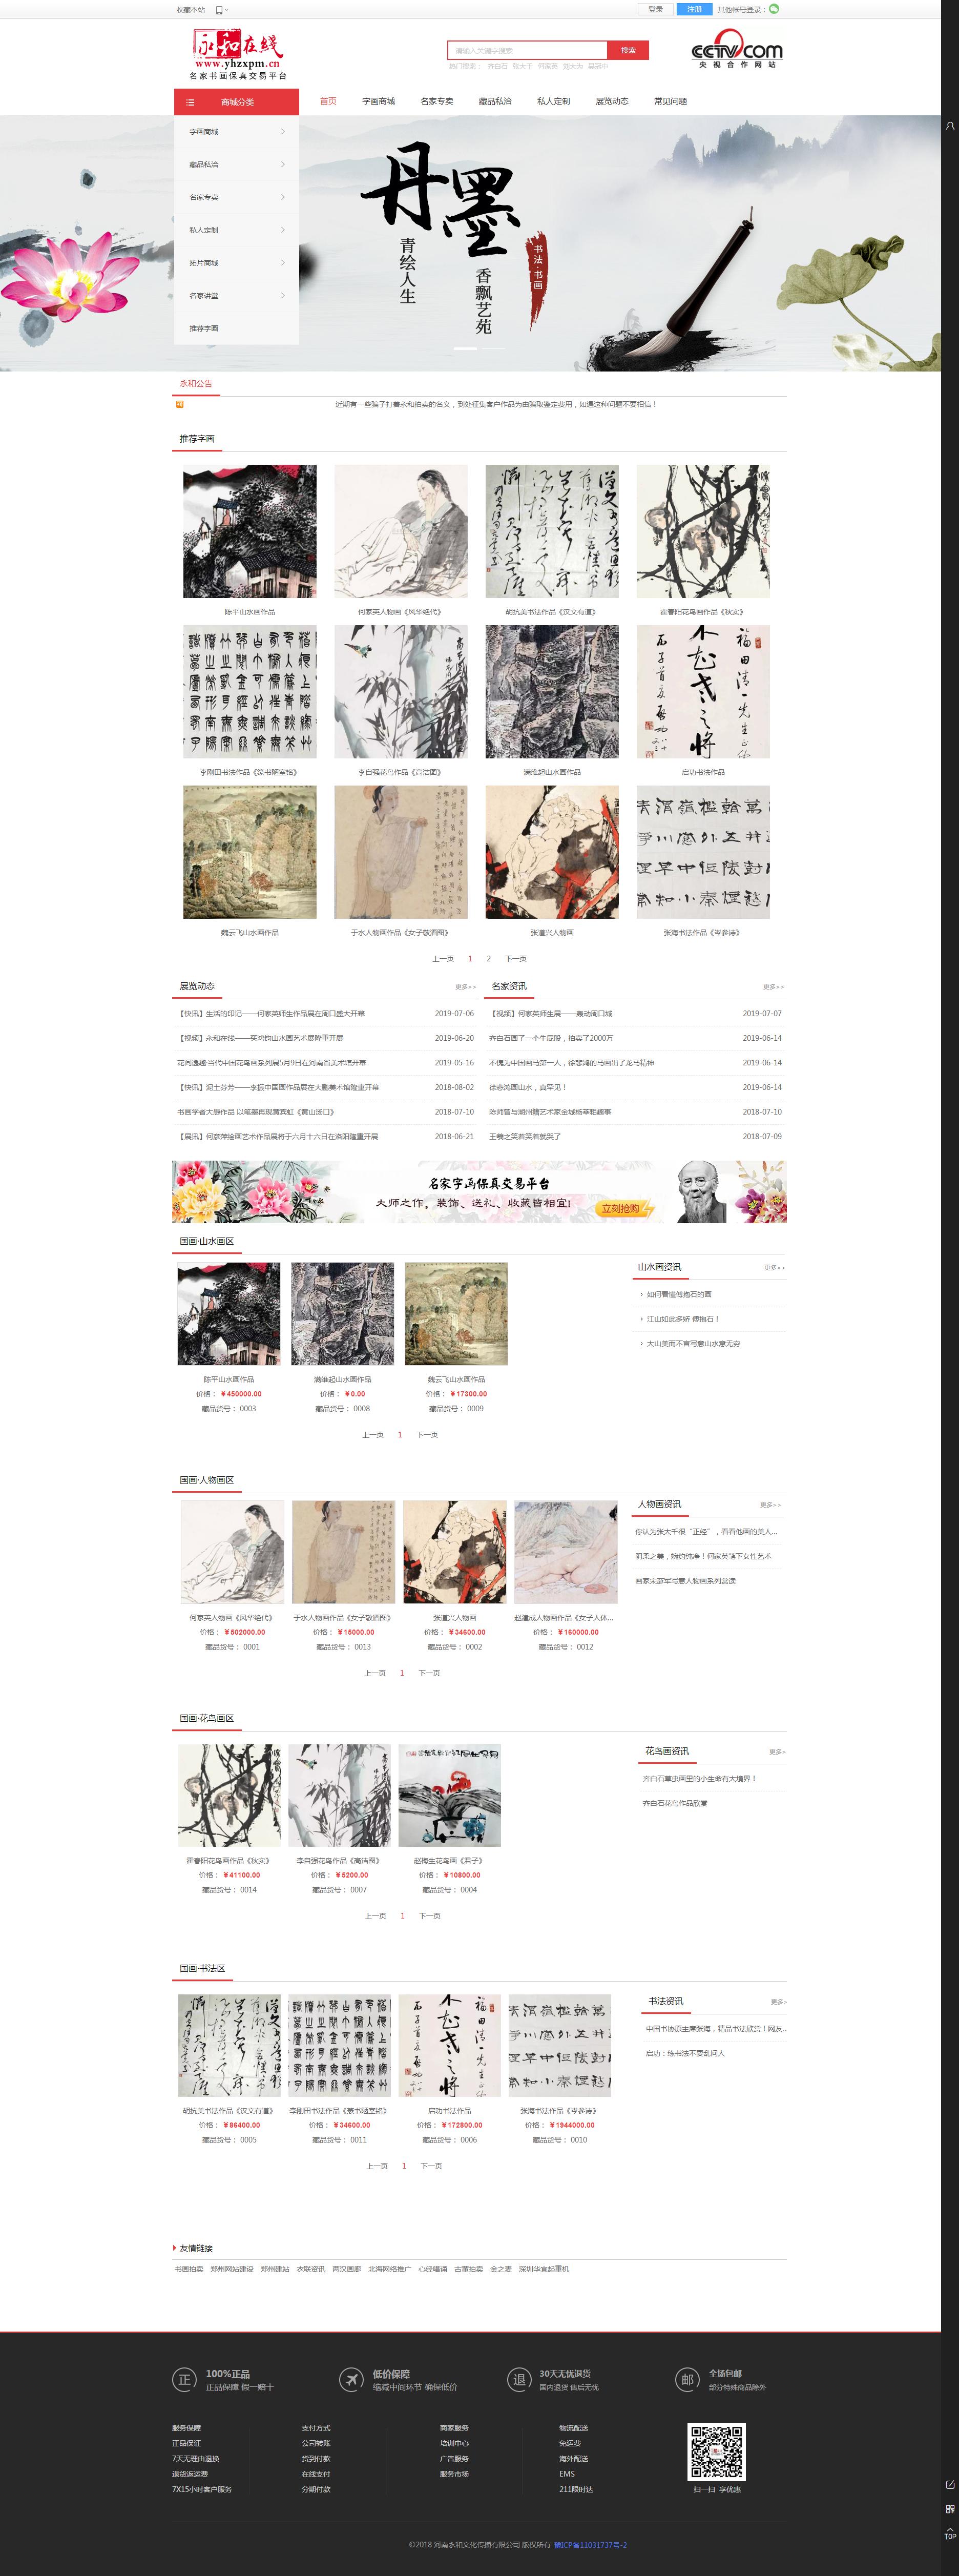 字画商城_名家字画_国画字画商城_书画拍卖_中国国画书画网_永和在线.png